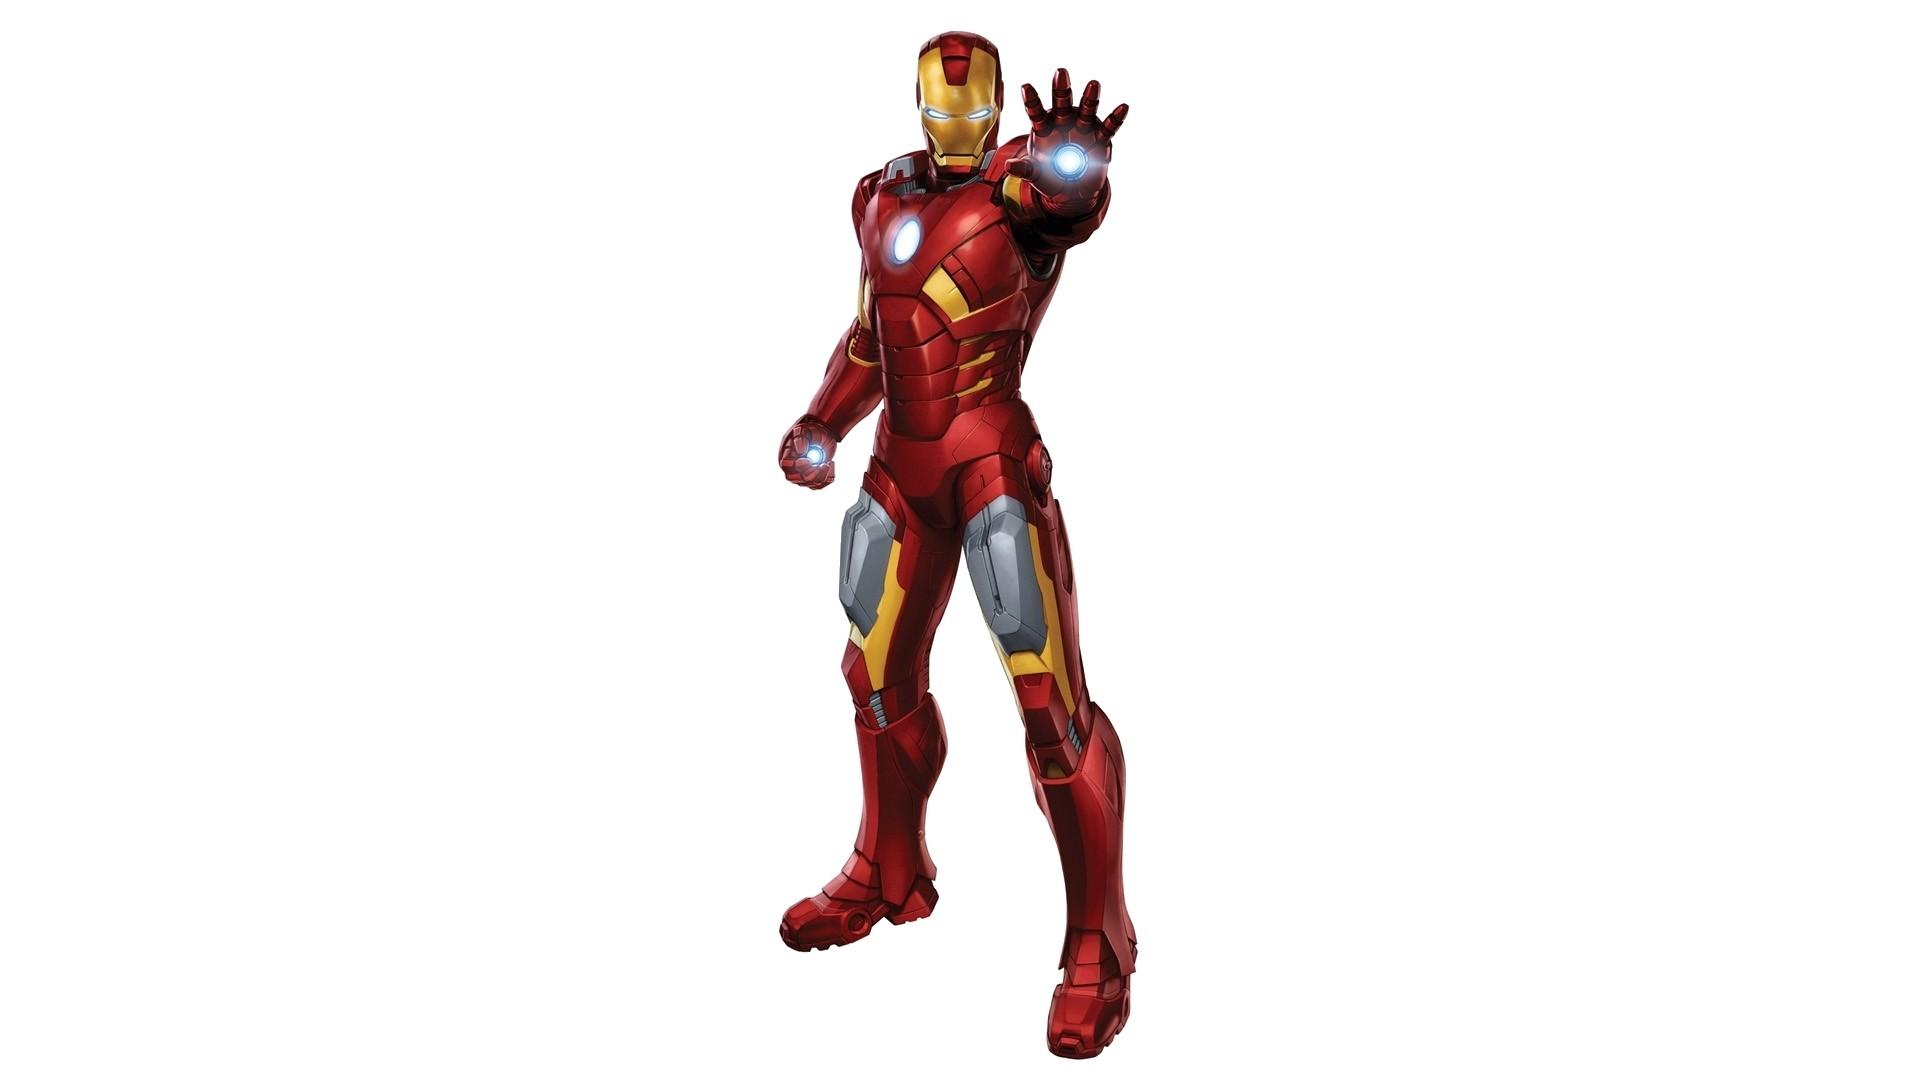 0 Iron Man Wallpaper Iron Man Wallpapers | Page 3